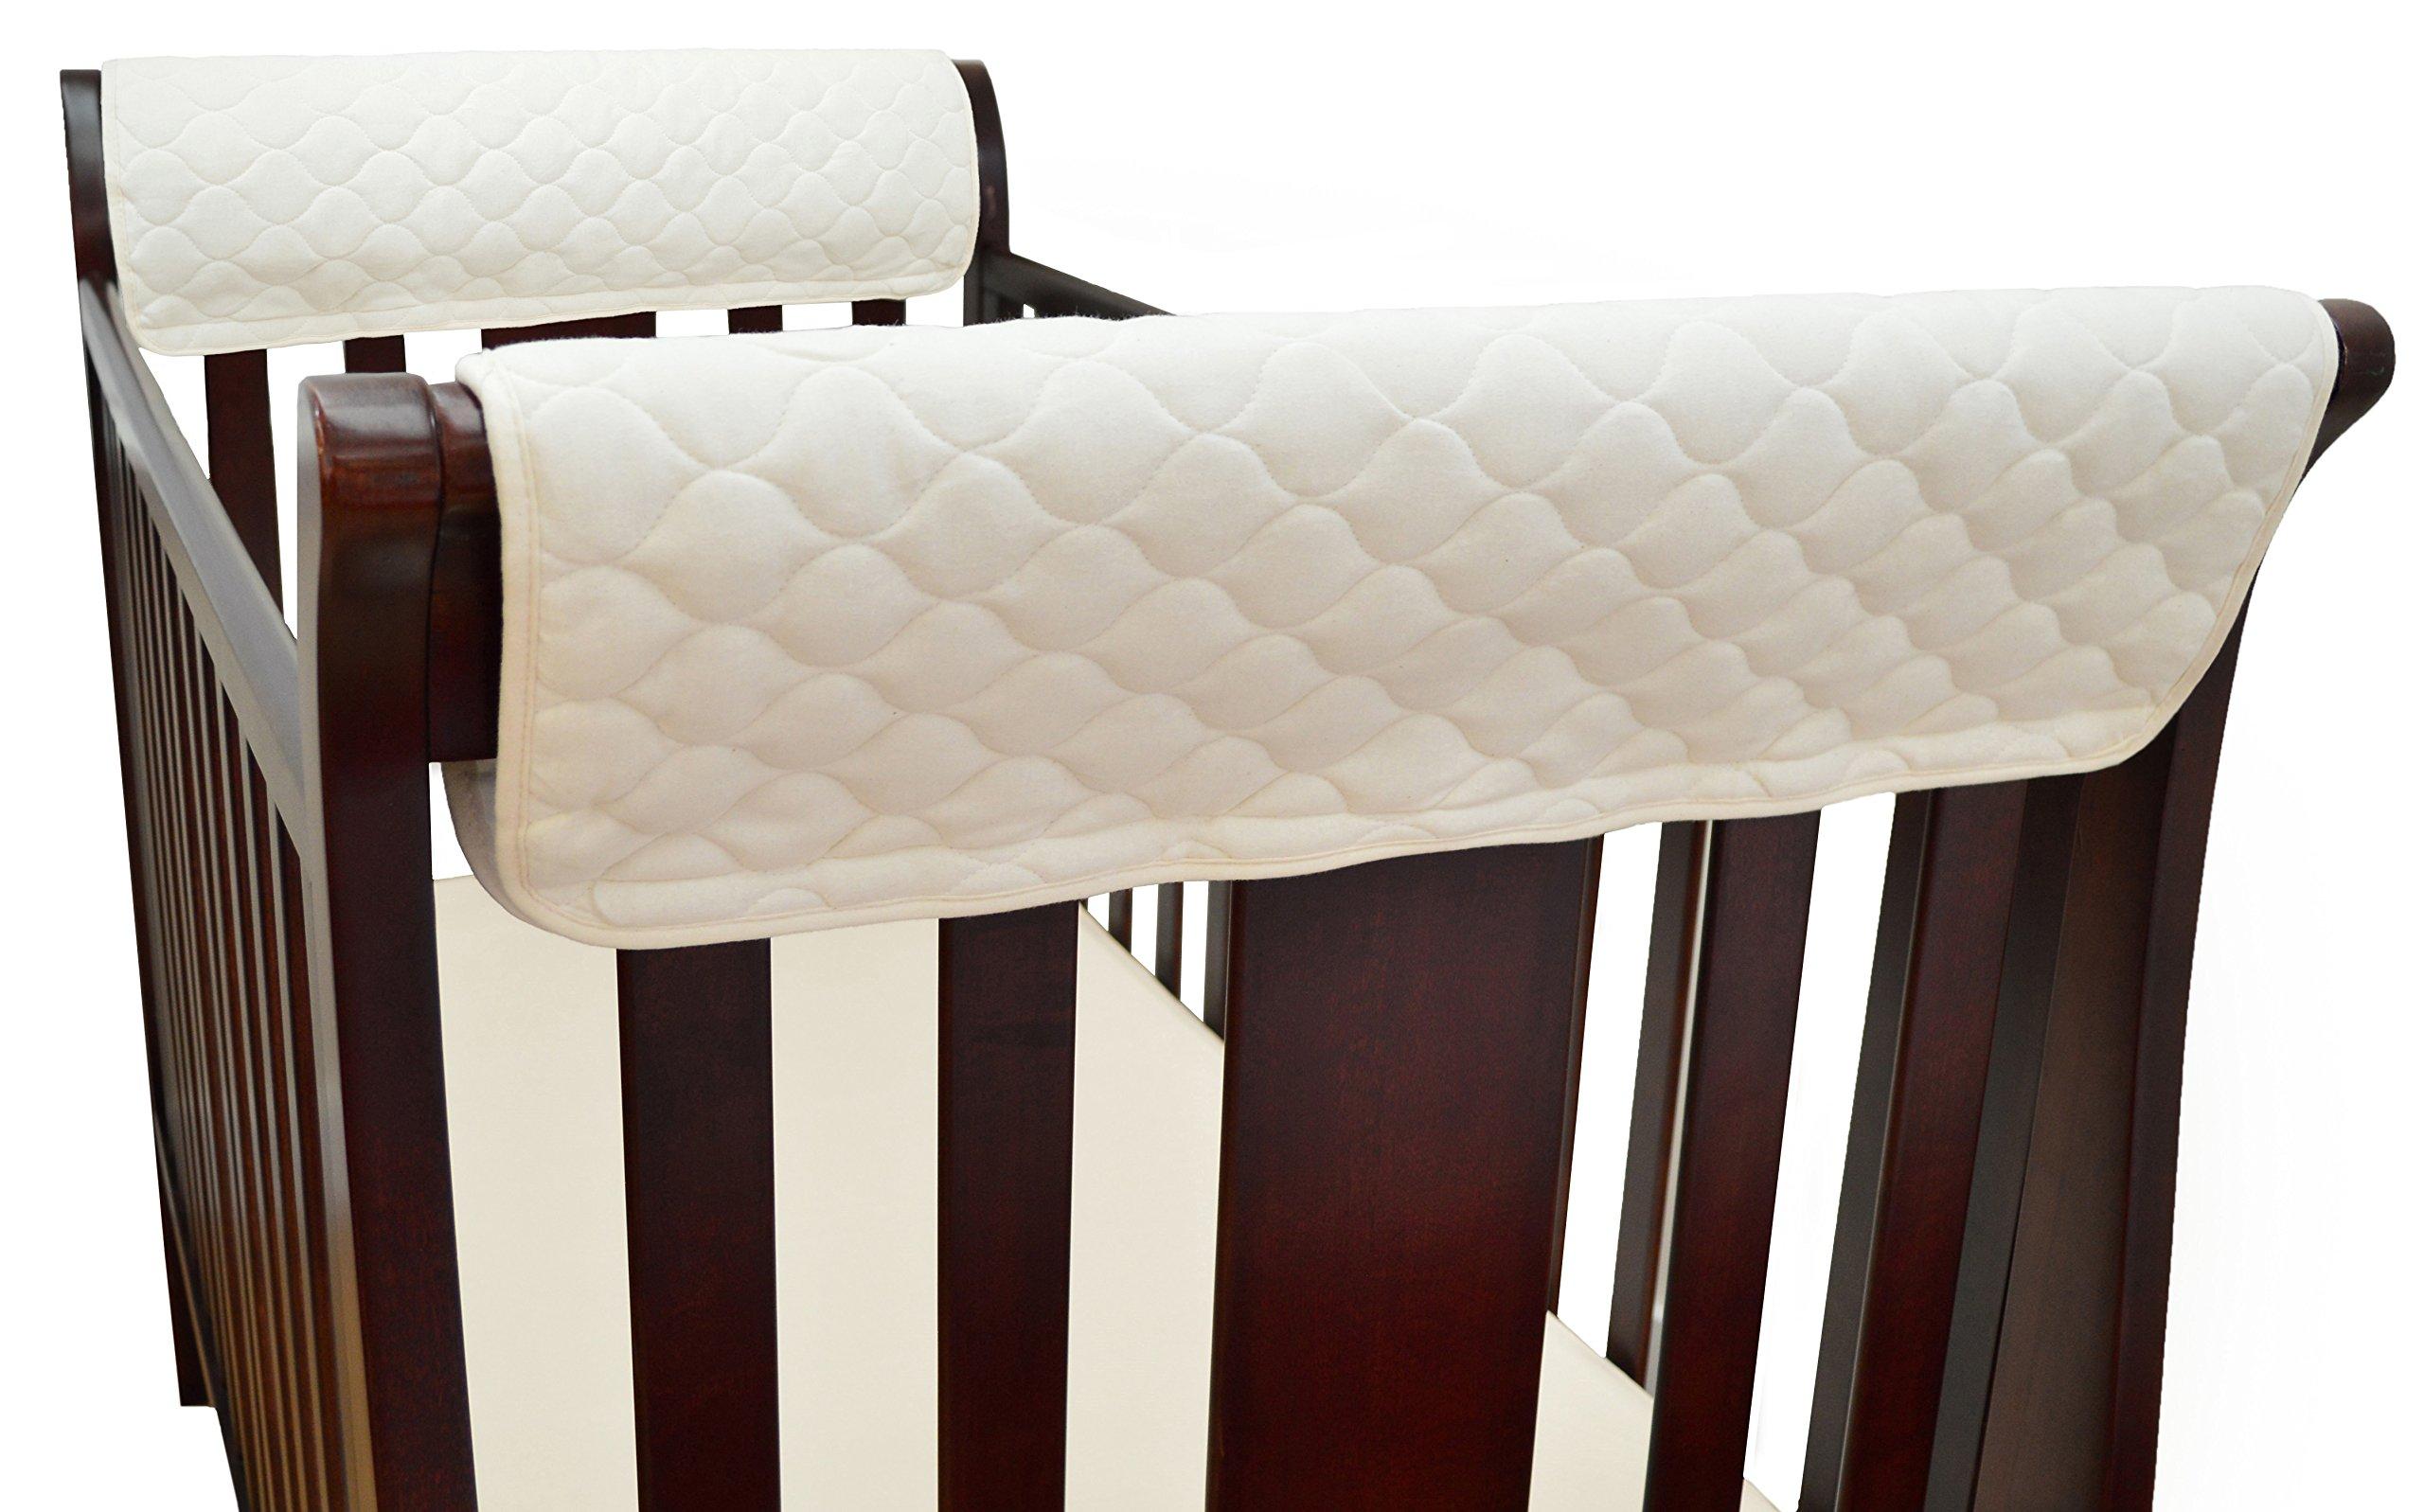 Amazon Com Tl Care Organic Cotton Front Crib Rail Cover